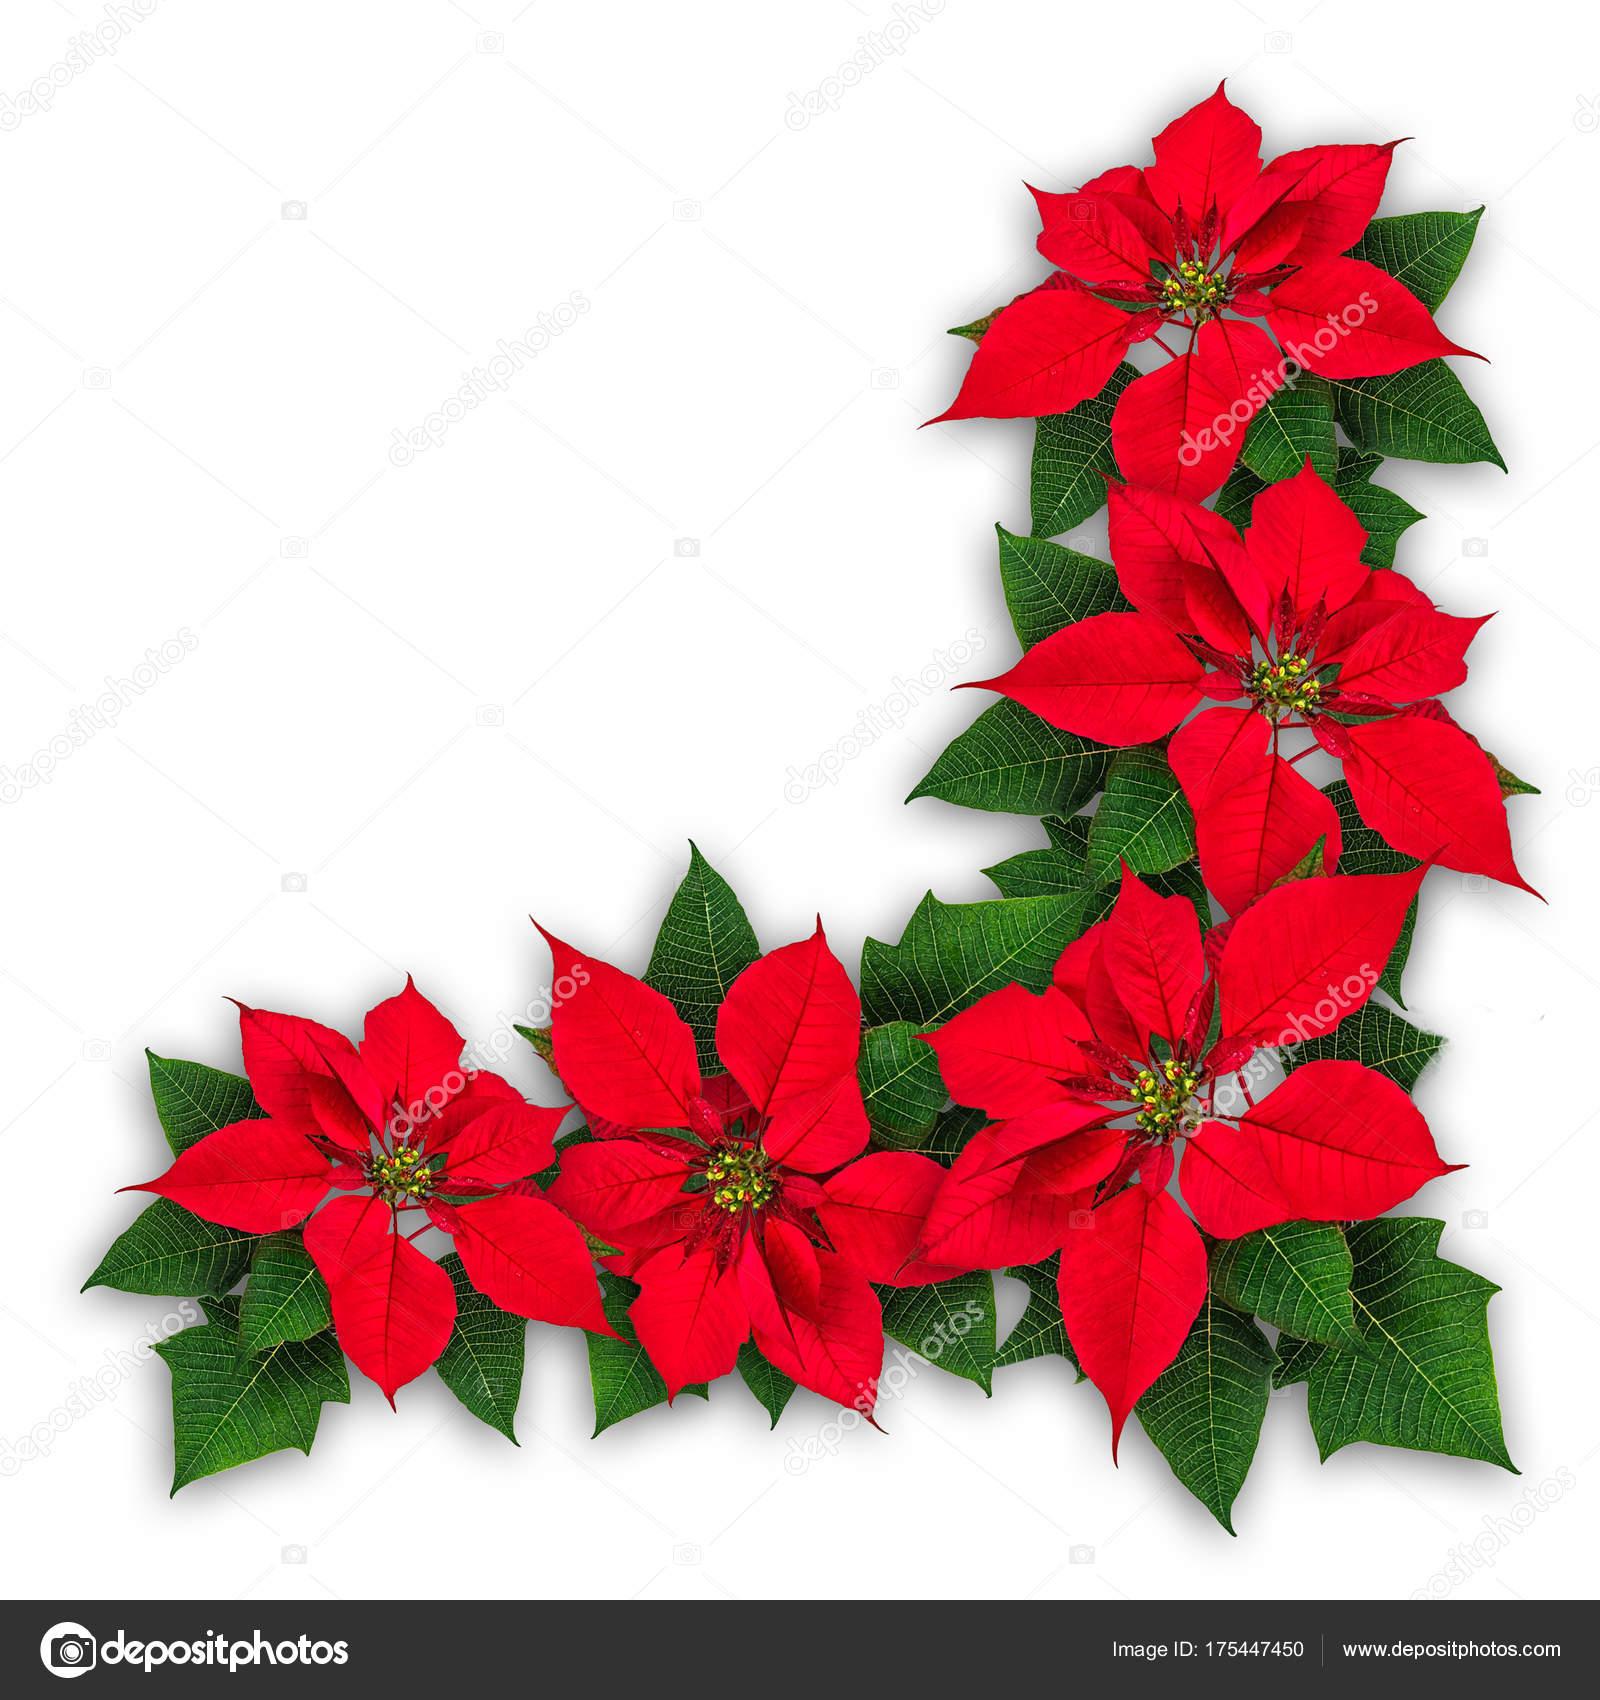 Im genes flor de nochebuena decoraci n de navidad de for Adornos navidenos 2017 trackid sp 006